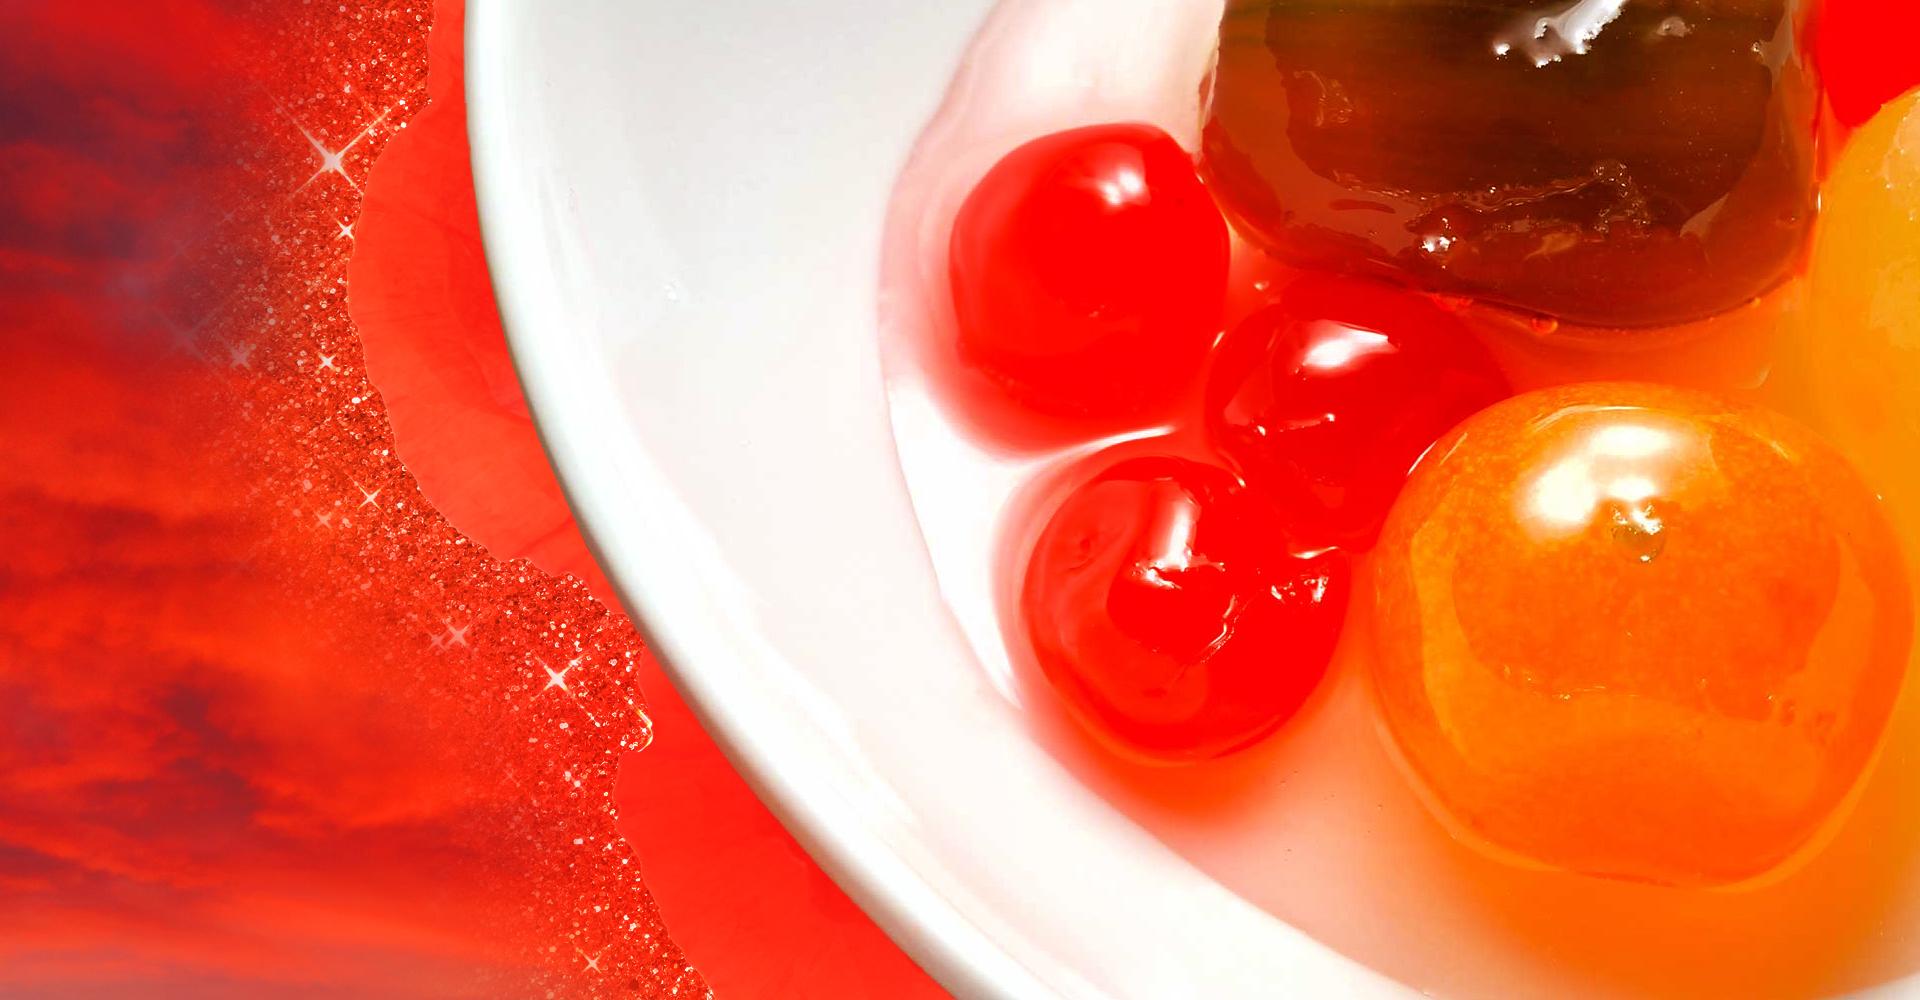 Come fare la mostarda di frutta? Passo dopo passo, le mosse giuste per riuscirci